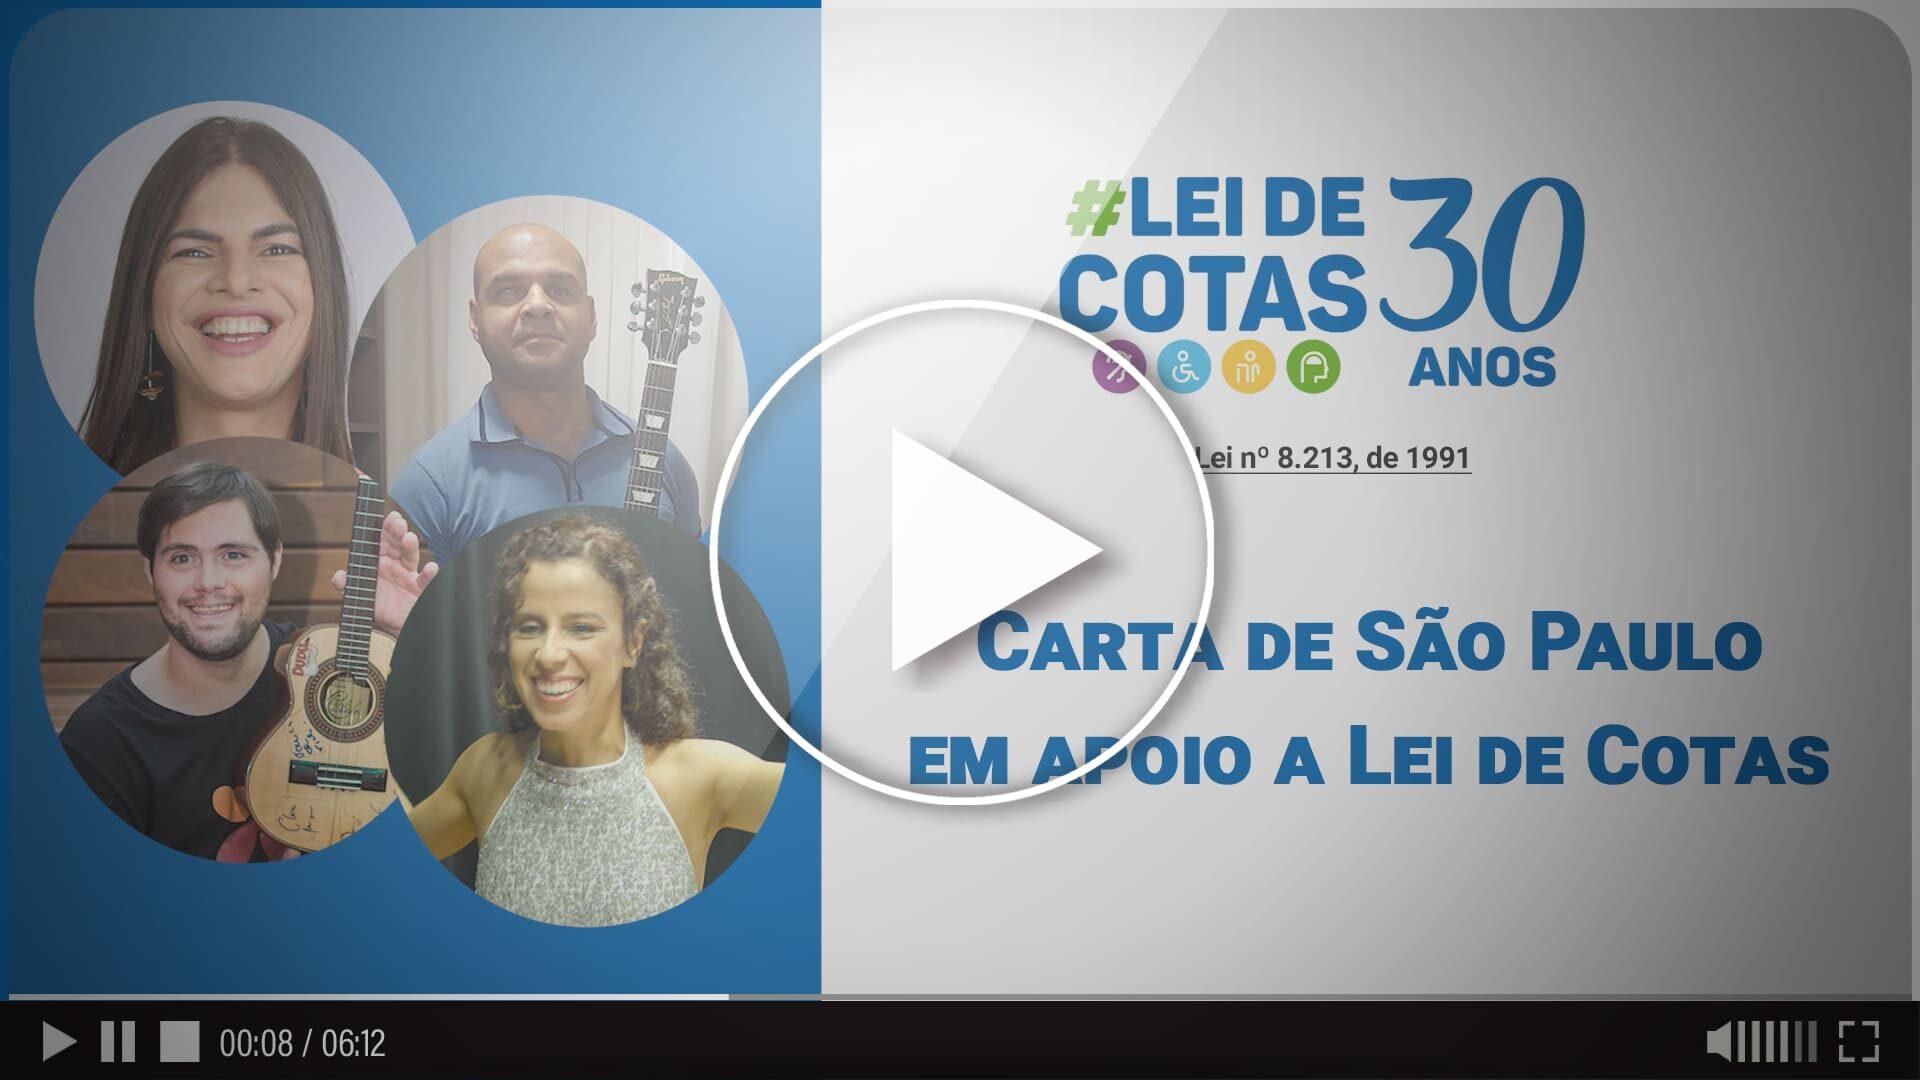 Arte com fotos e o texto: Lei de Cotas 30 anos, Carta de São Paulo 2021.